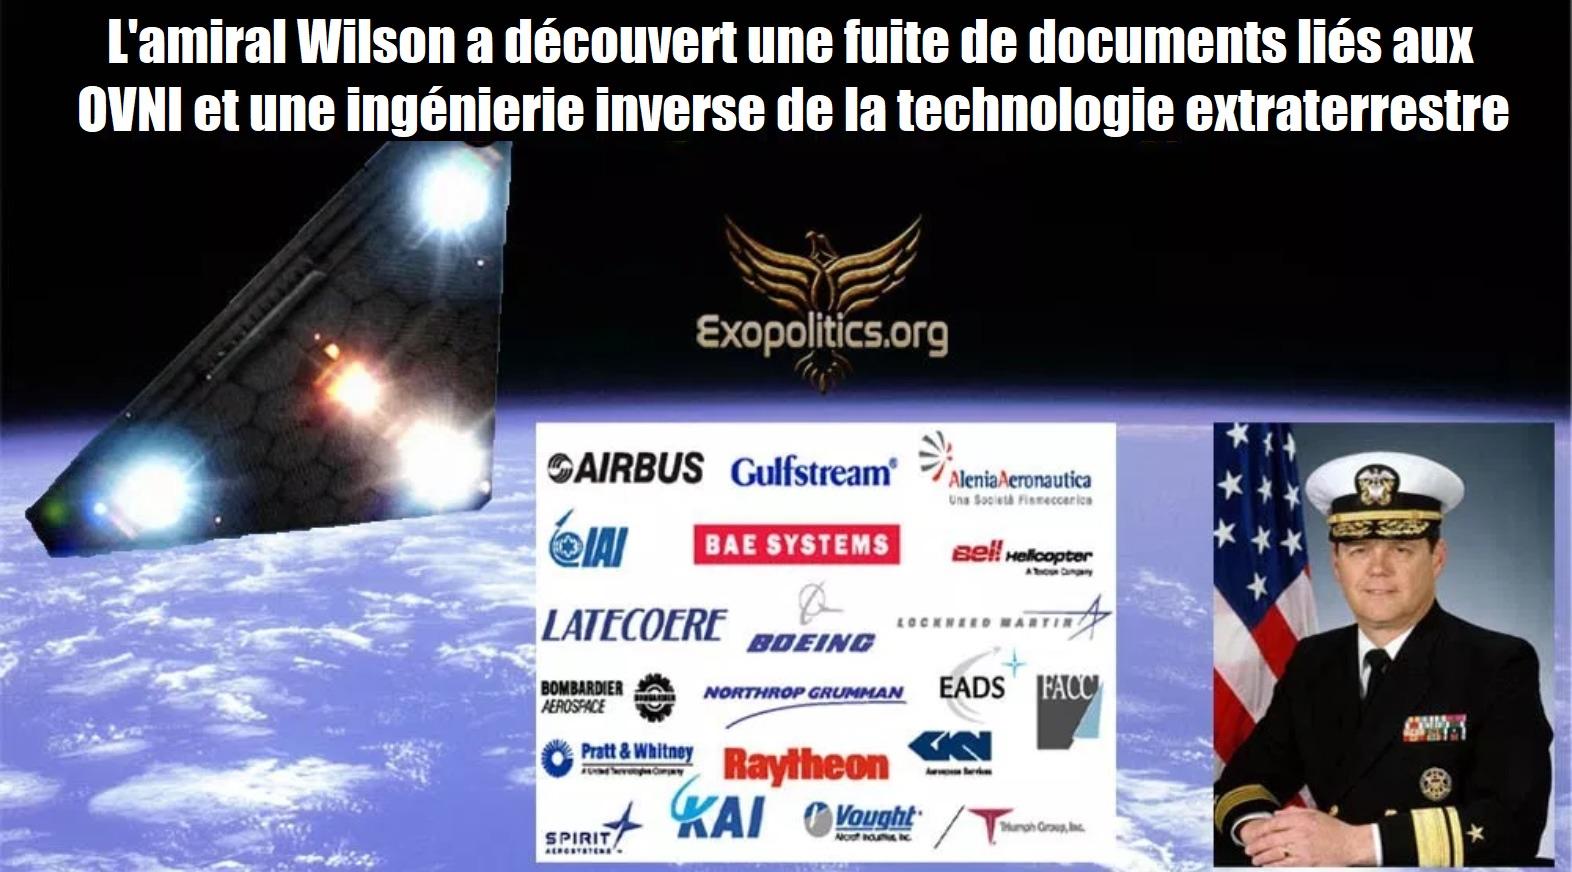 L'amiral Wilson a découvert une fuite de documents d'OVNI et une ingénierie inverse de la technologie extraterrestre